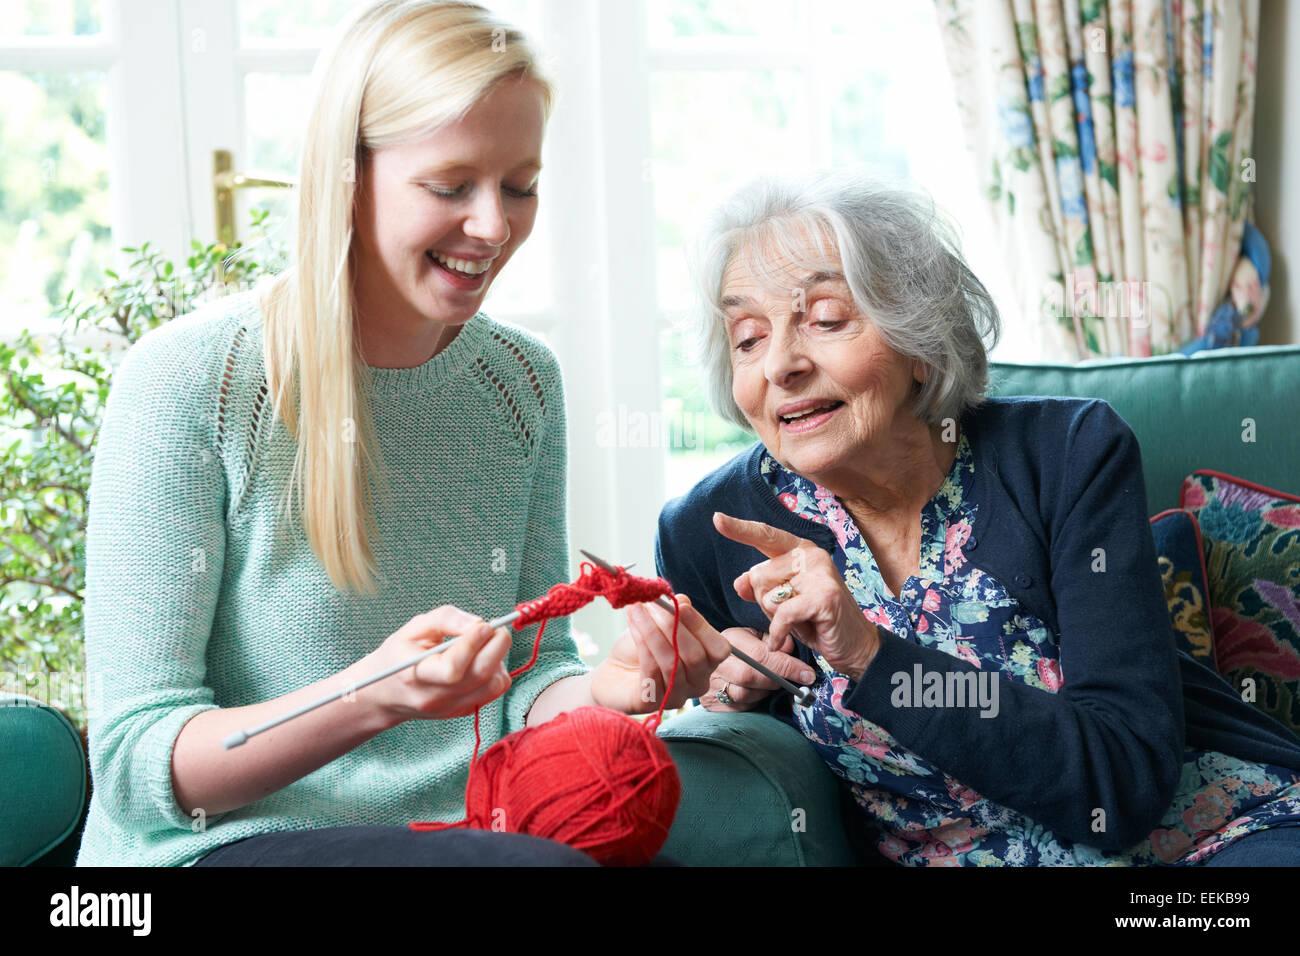 Oma mit Enkelin wie man strickt Stockbild